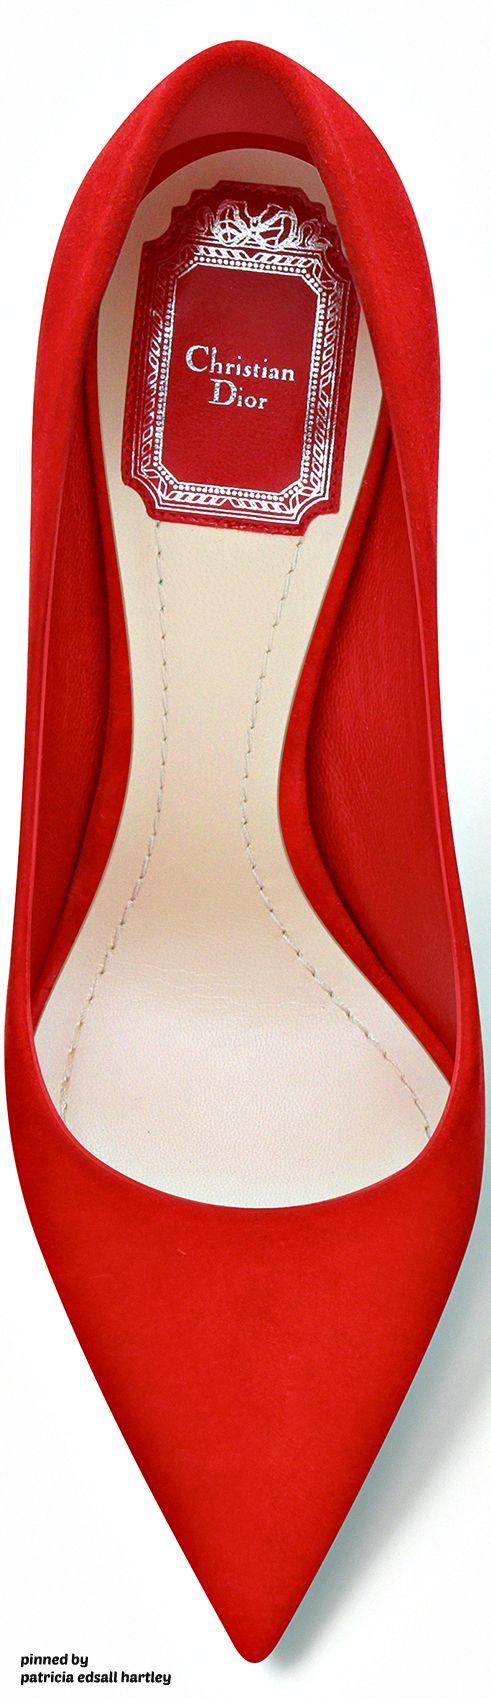 e88cb7efdc5 Rosamaria G Frangini | High Shoes | Red Desire | Dior Red Suede ...